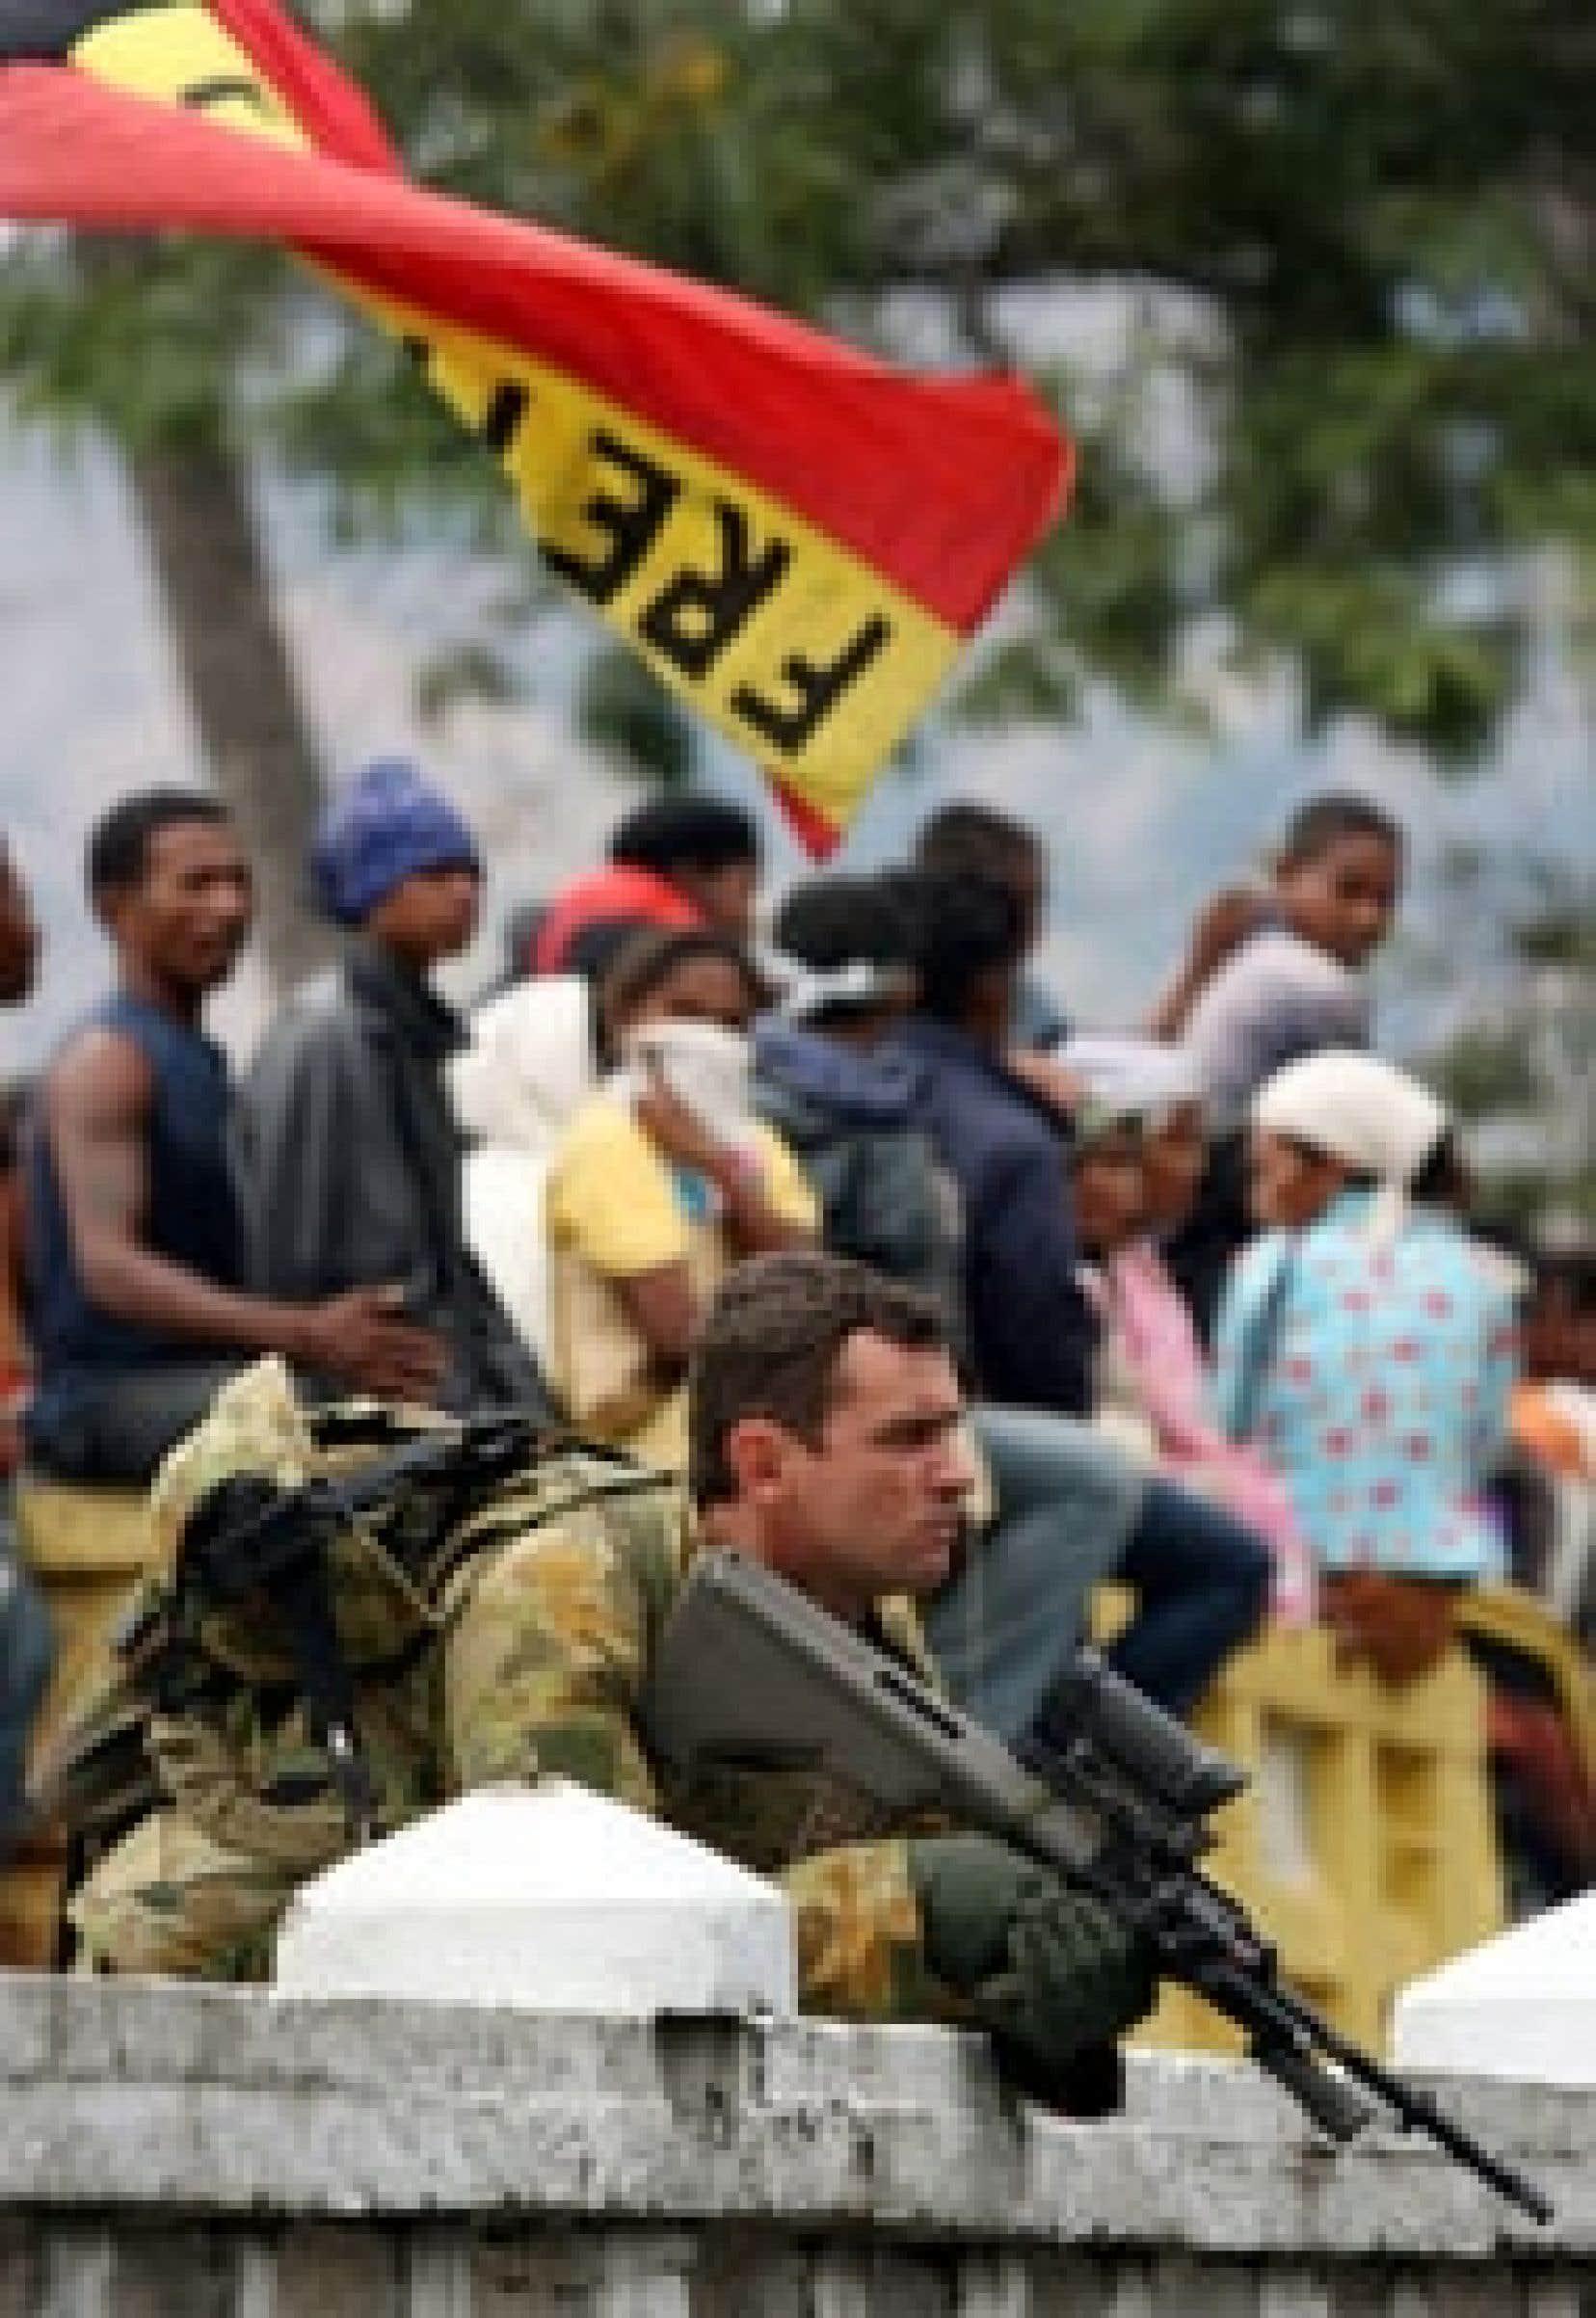 Un soldat australien surveillait des partisans de Xanana Gusmao, jeudi à Alkatiri.